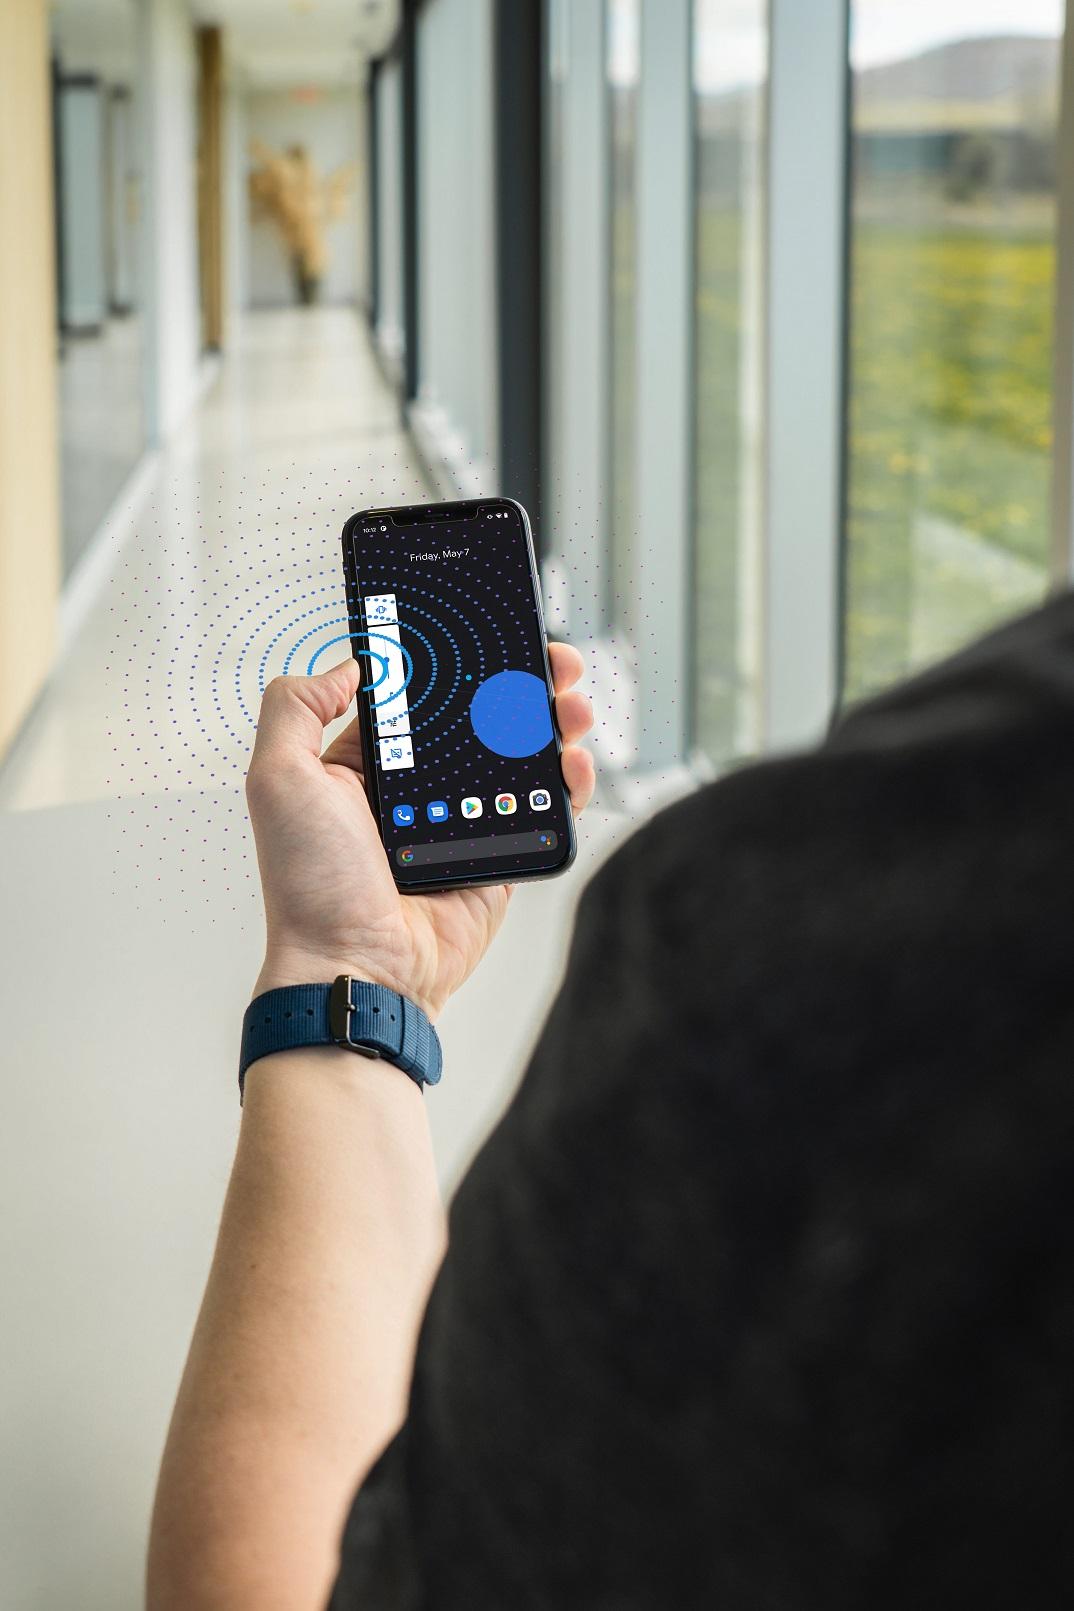 Boréas NexusTouch感应平台将触感丰富的轻触,轻扫,翻转,点击体验带到智能手机和游戏手机